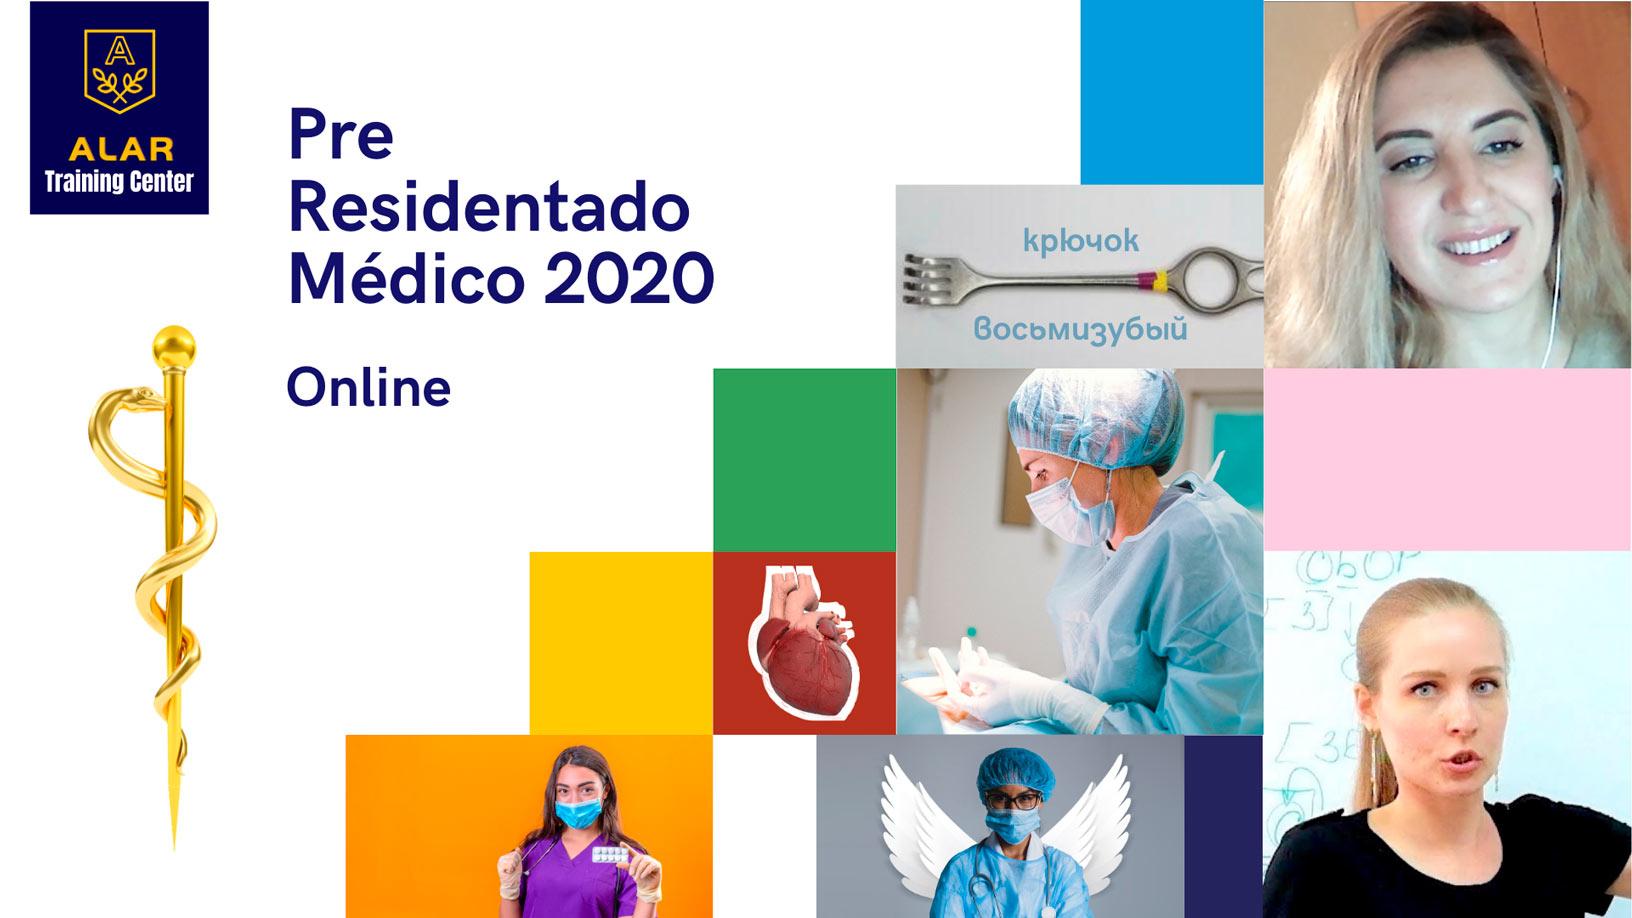 Anunciamos la convocatoria para el pre residentado médico 2020